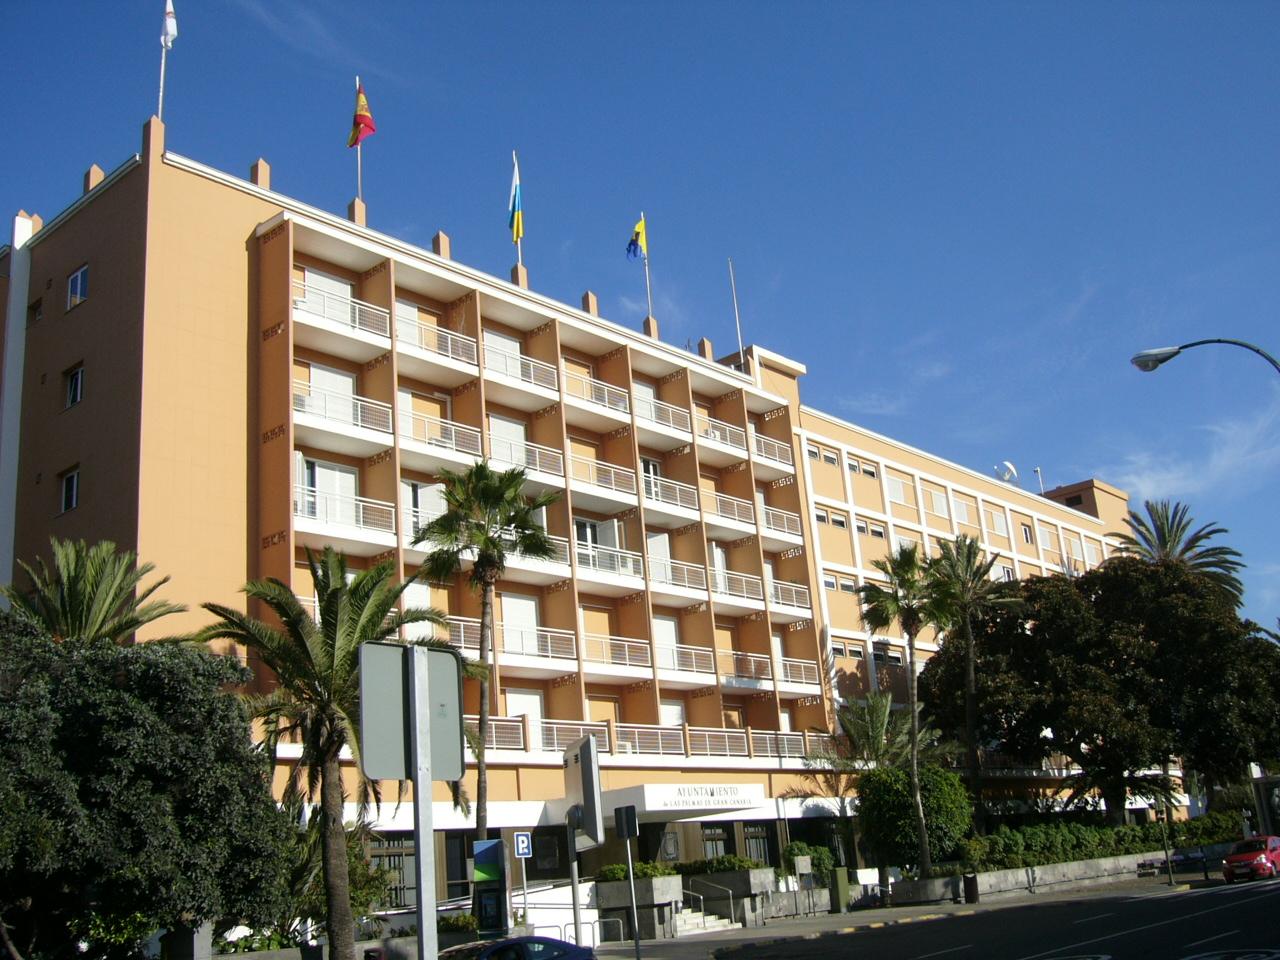 El ayuntamiento de las palmas de gran canaria recupera la jornada de 35 horas semanales para - Piscina las palmas de gran canaria ...